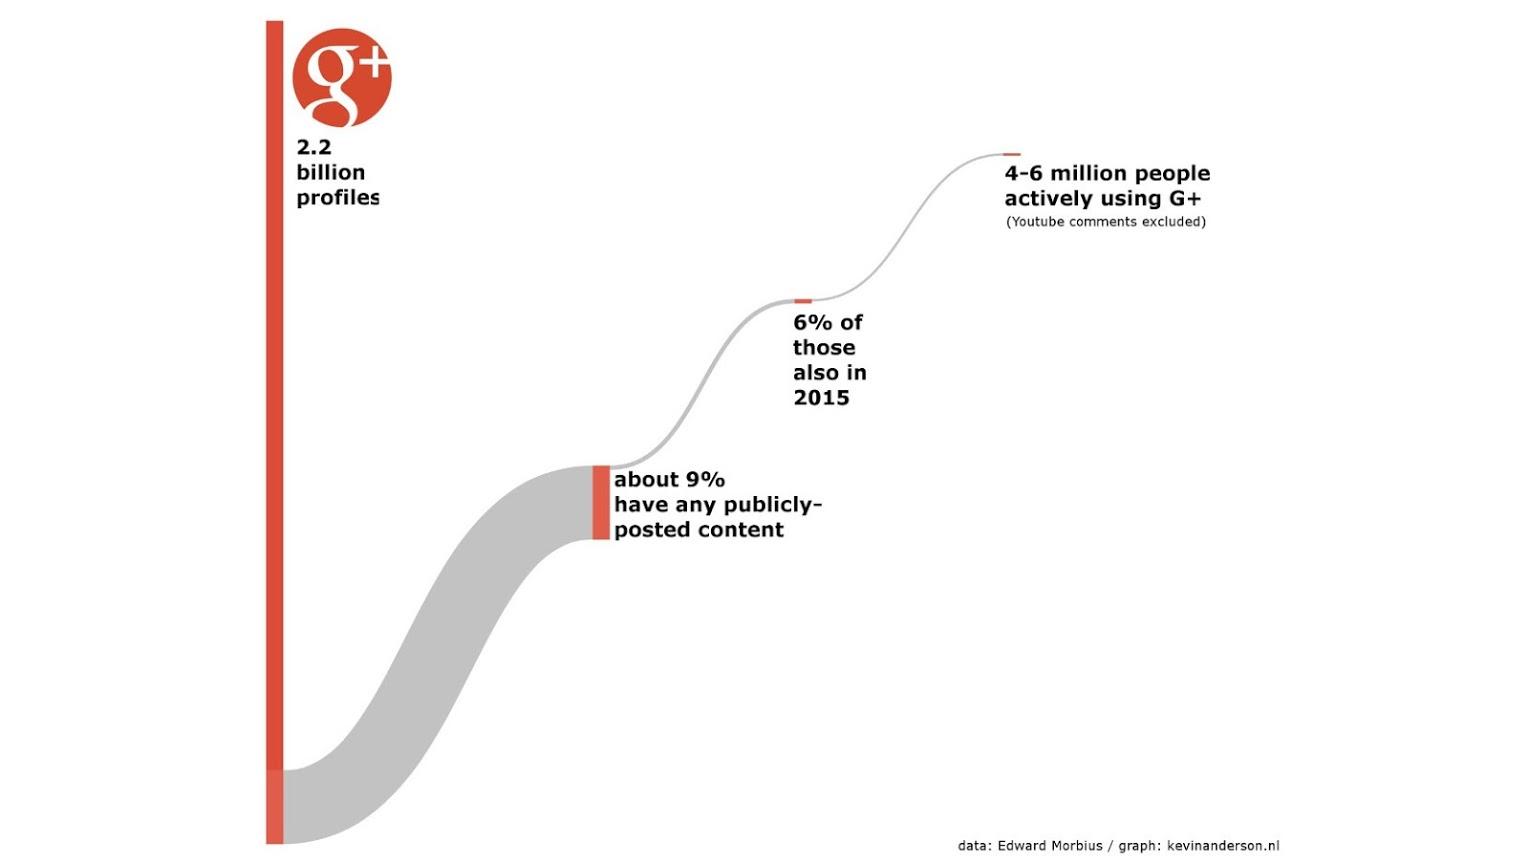 Le nombre (supposé) d'utilisateurs actifs de Google+ en 2015